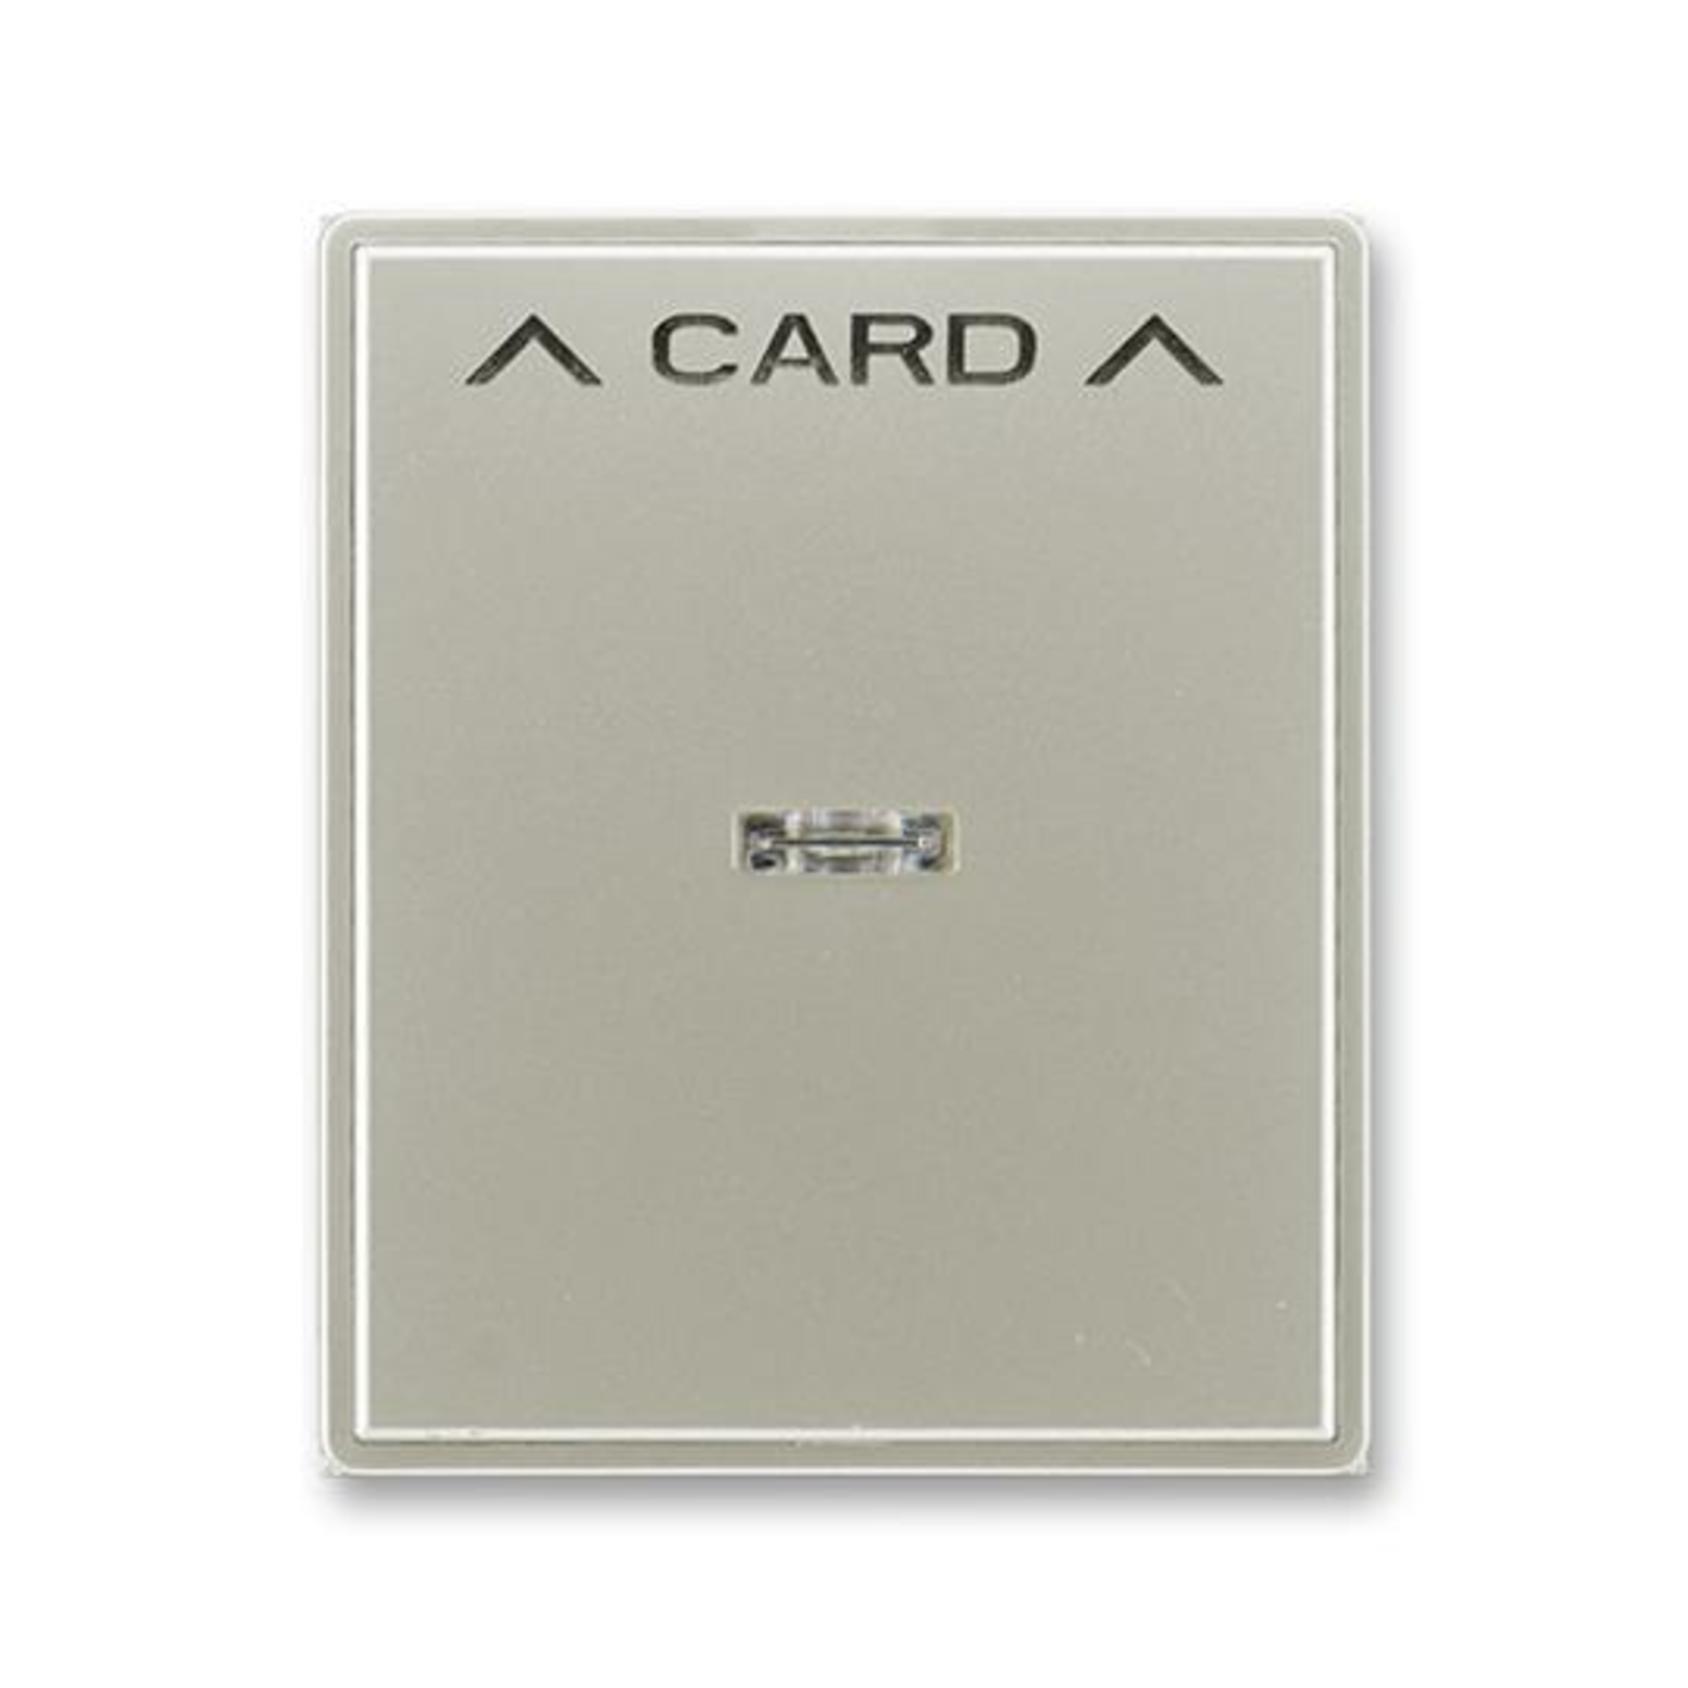 ABB 3559E-A00700 32 Time Kryt spínače kartového, s čirým průzorem